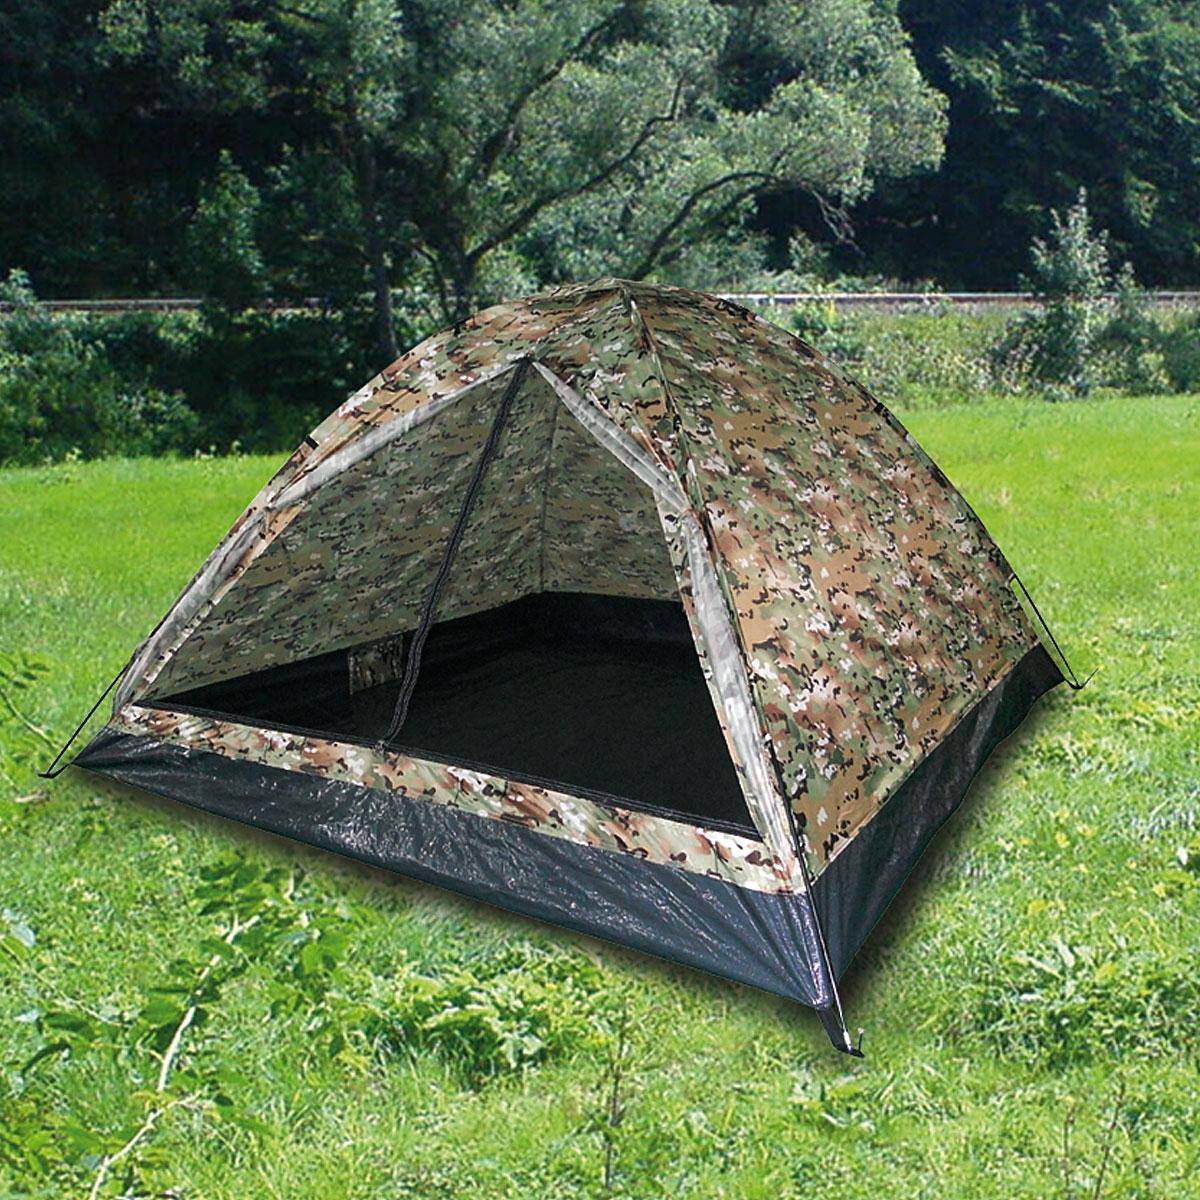 Zelt Ohne Verankerung : Army zelt personen minipack oder iglu camping ranger